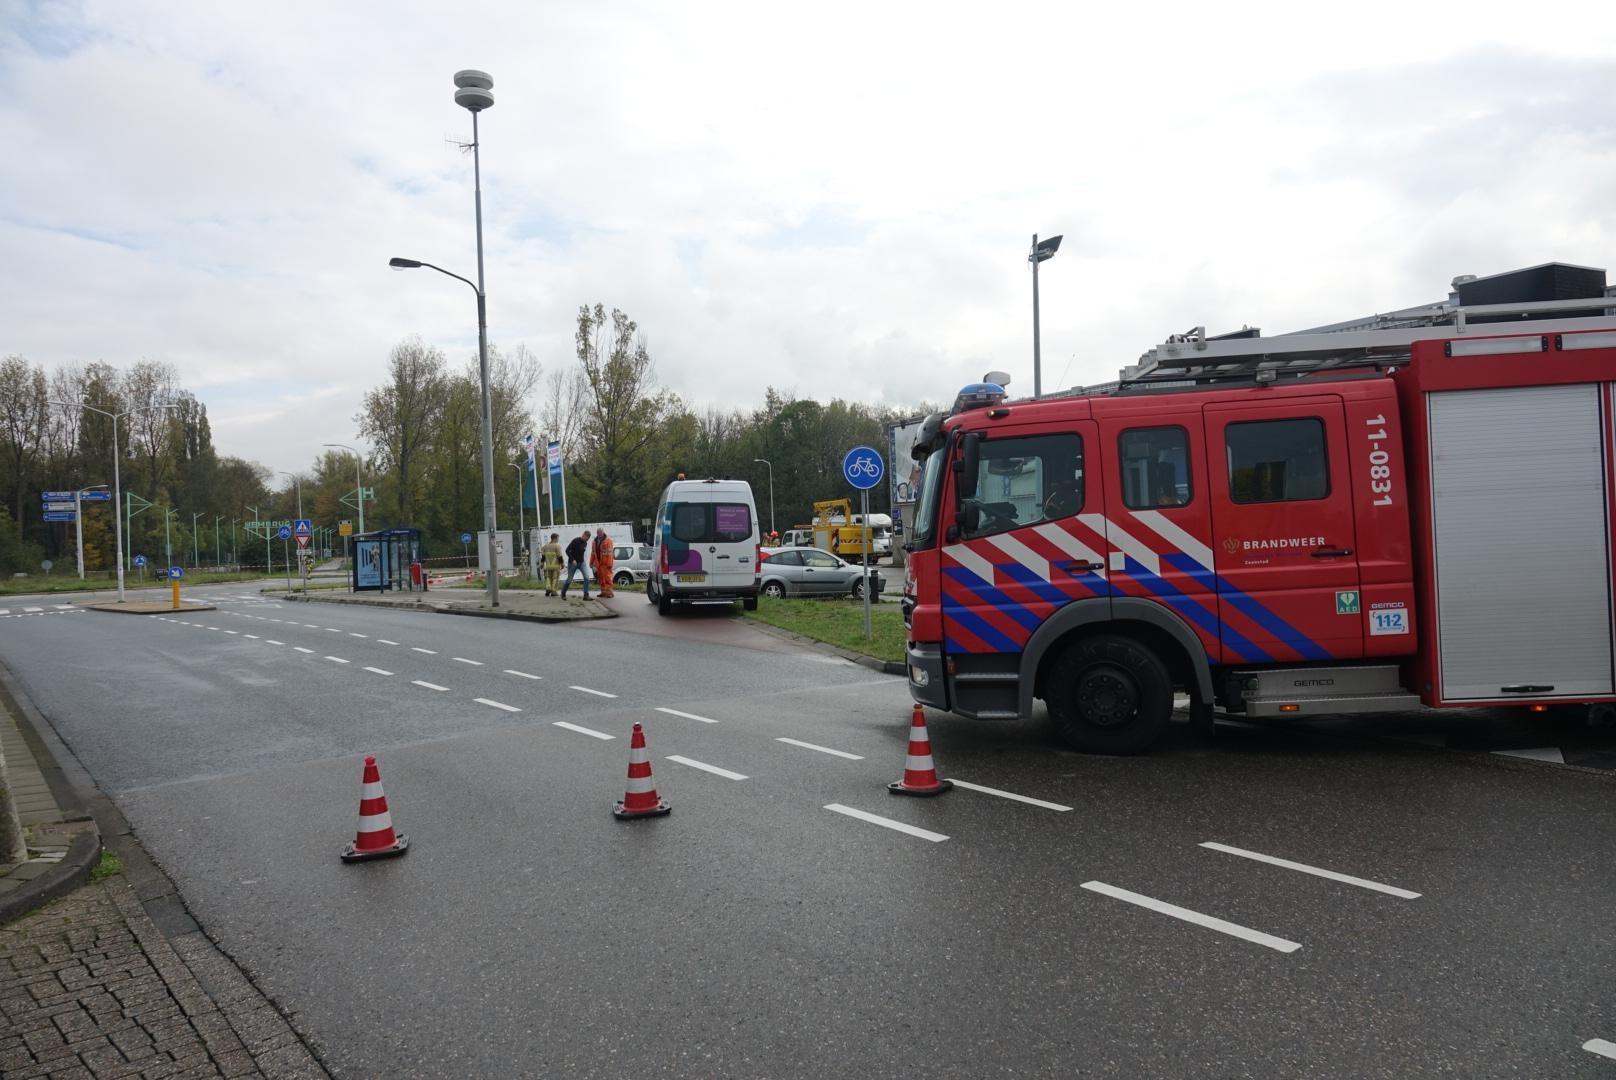 Gasleiding kapotgetrokken in Zaandam; N203 afgesloten in ver... - Noordhollands Dagblad